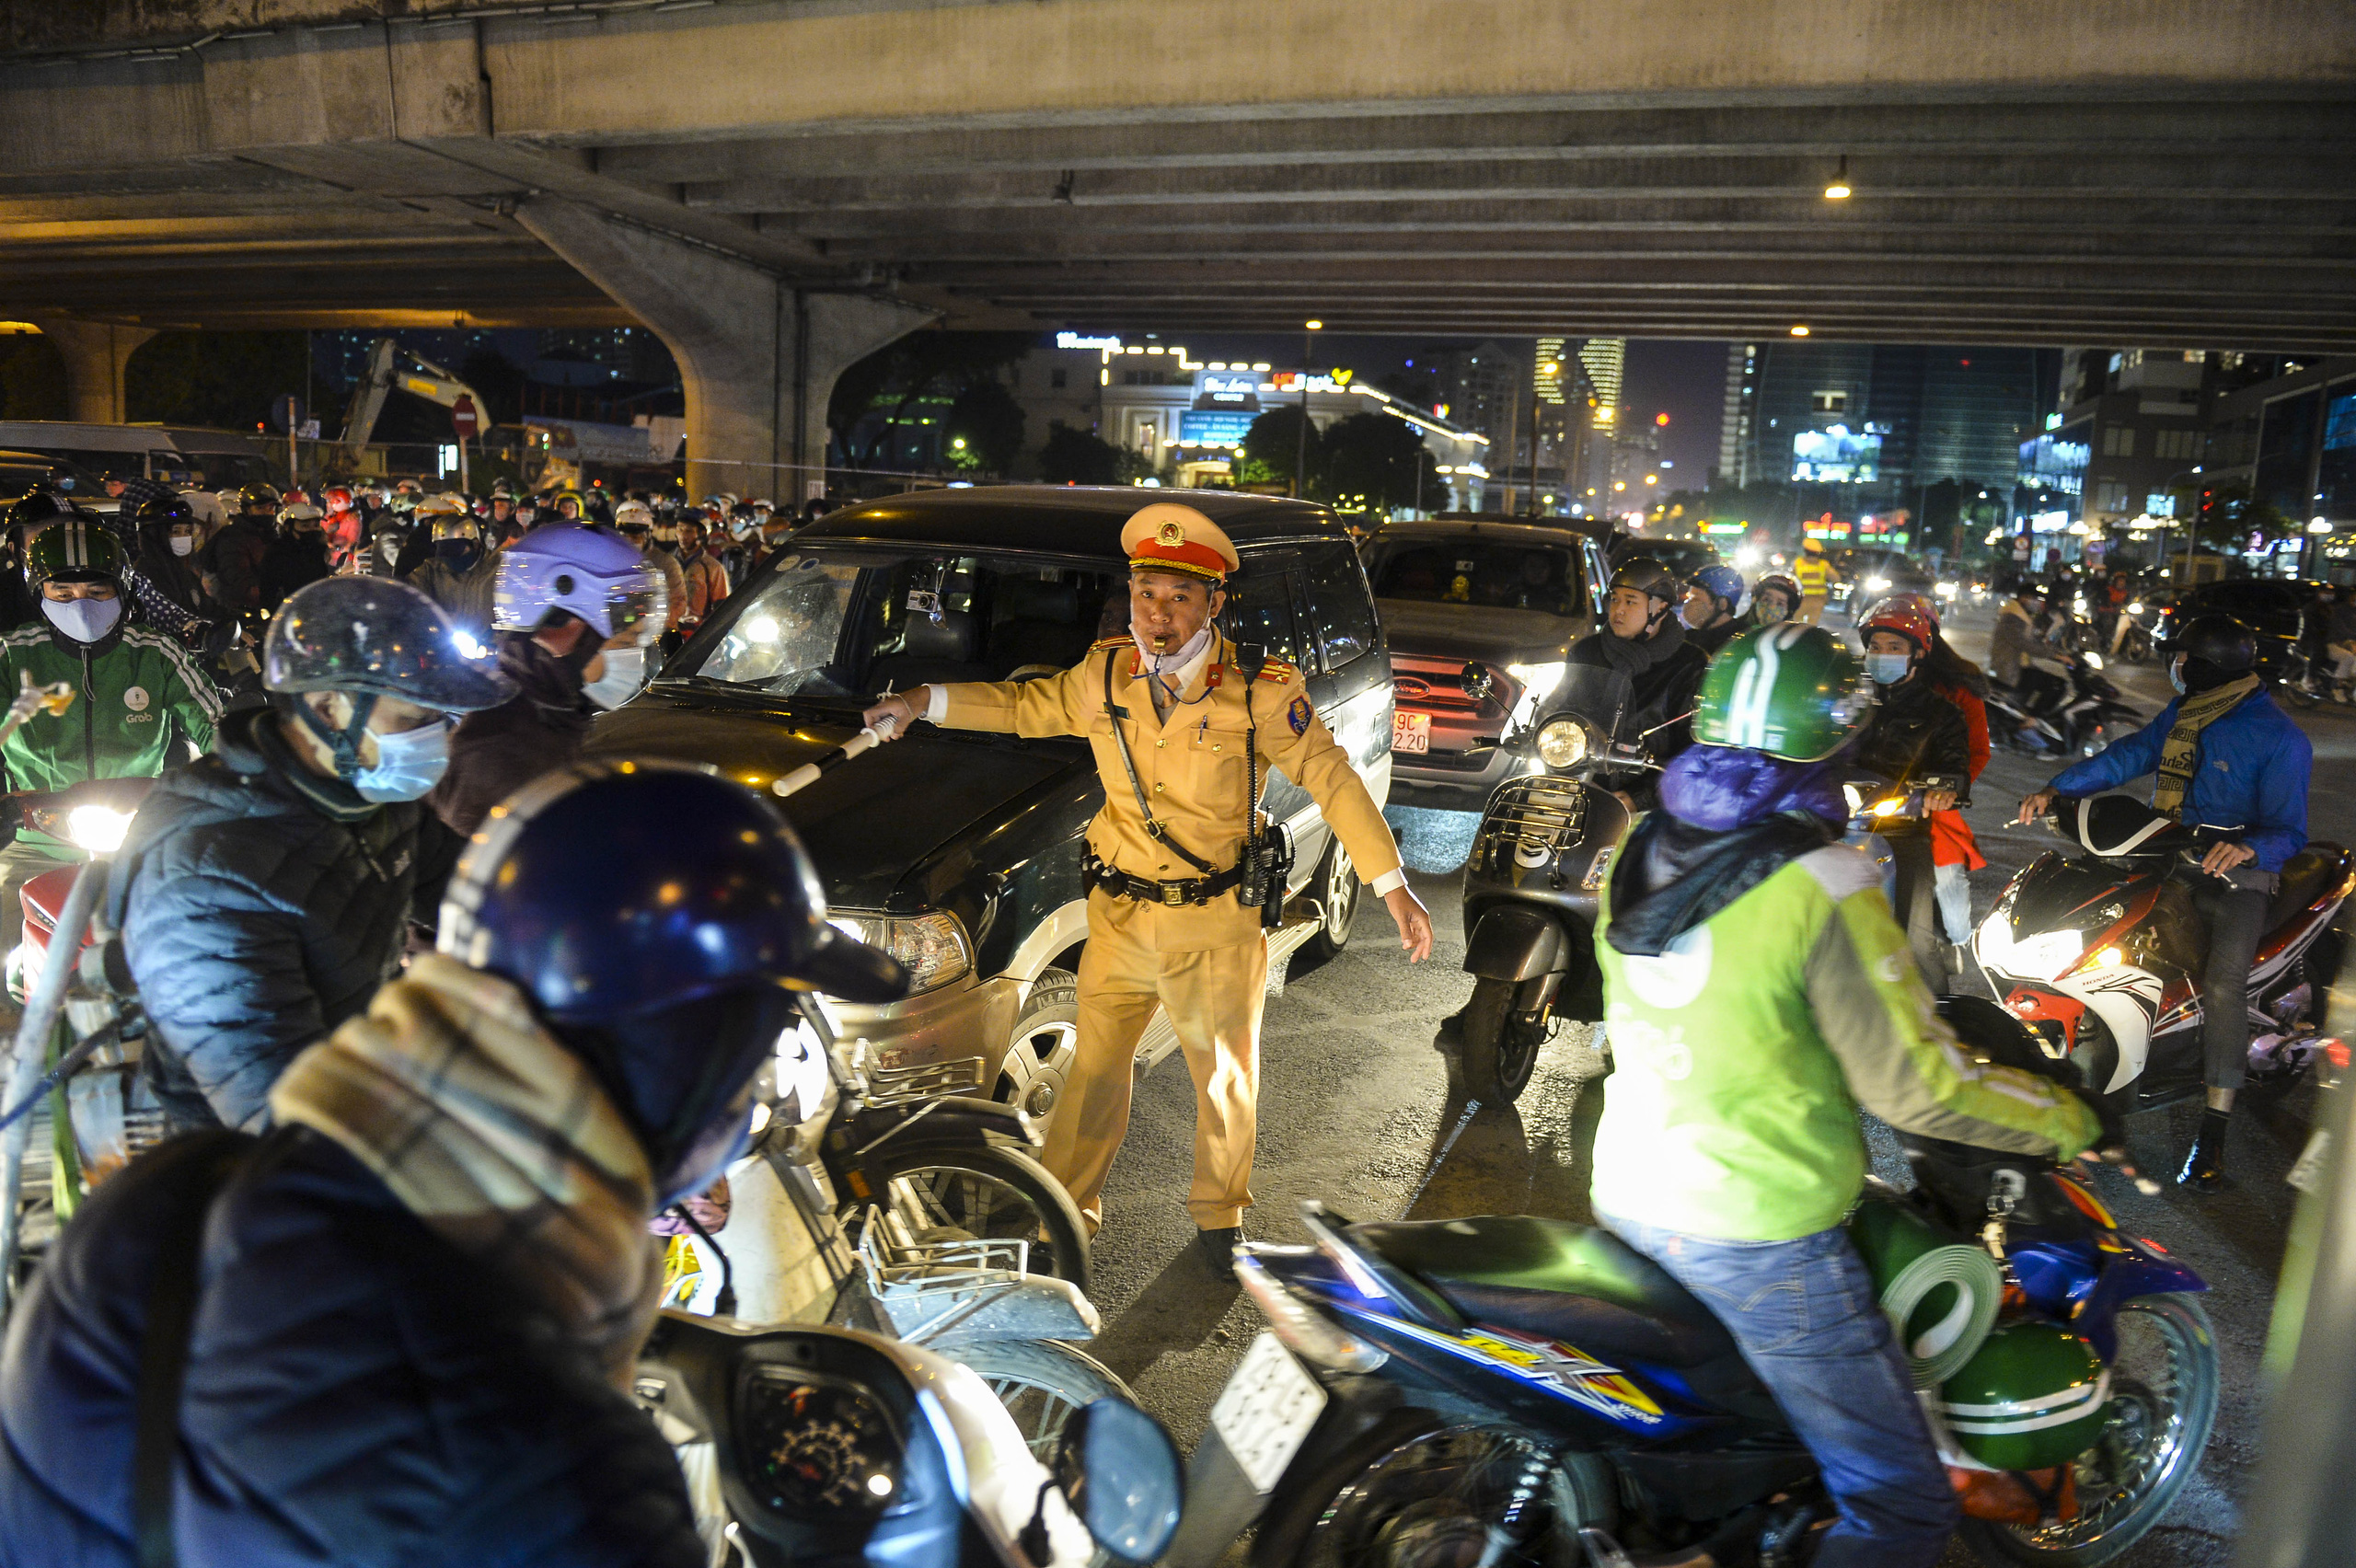 Chùm ảnh đường phố Hà Nội đông kín người từ chiều đến tối ngày cuối năm 2020 - Ảnh 9.